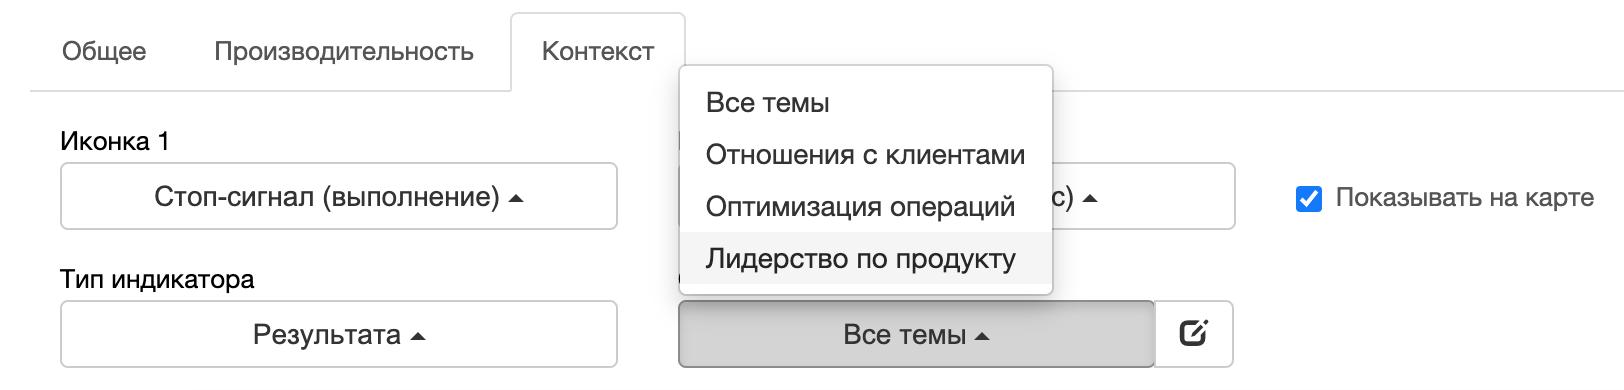 Стратегические темы в BSC Designer Online